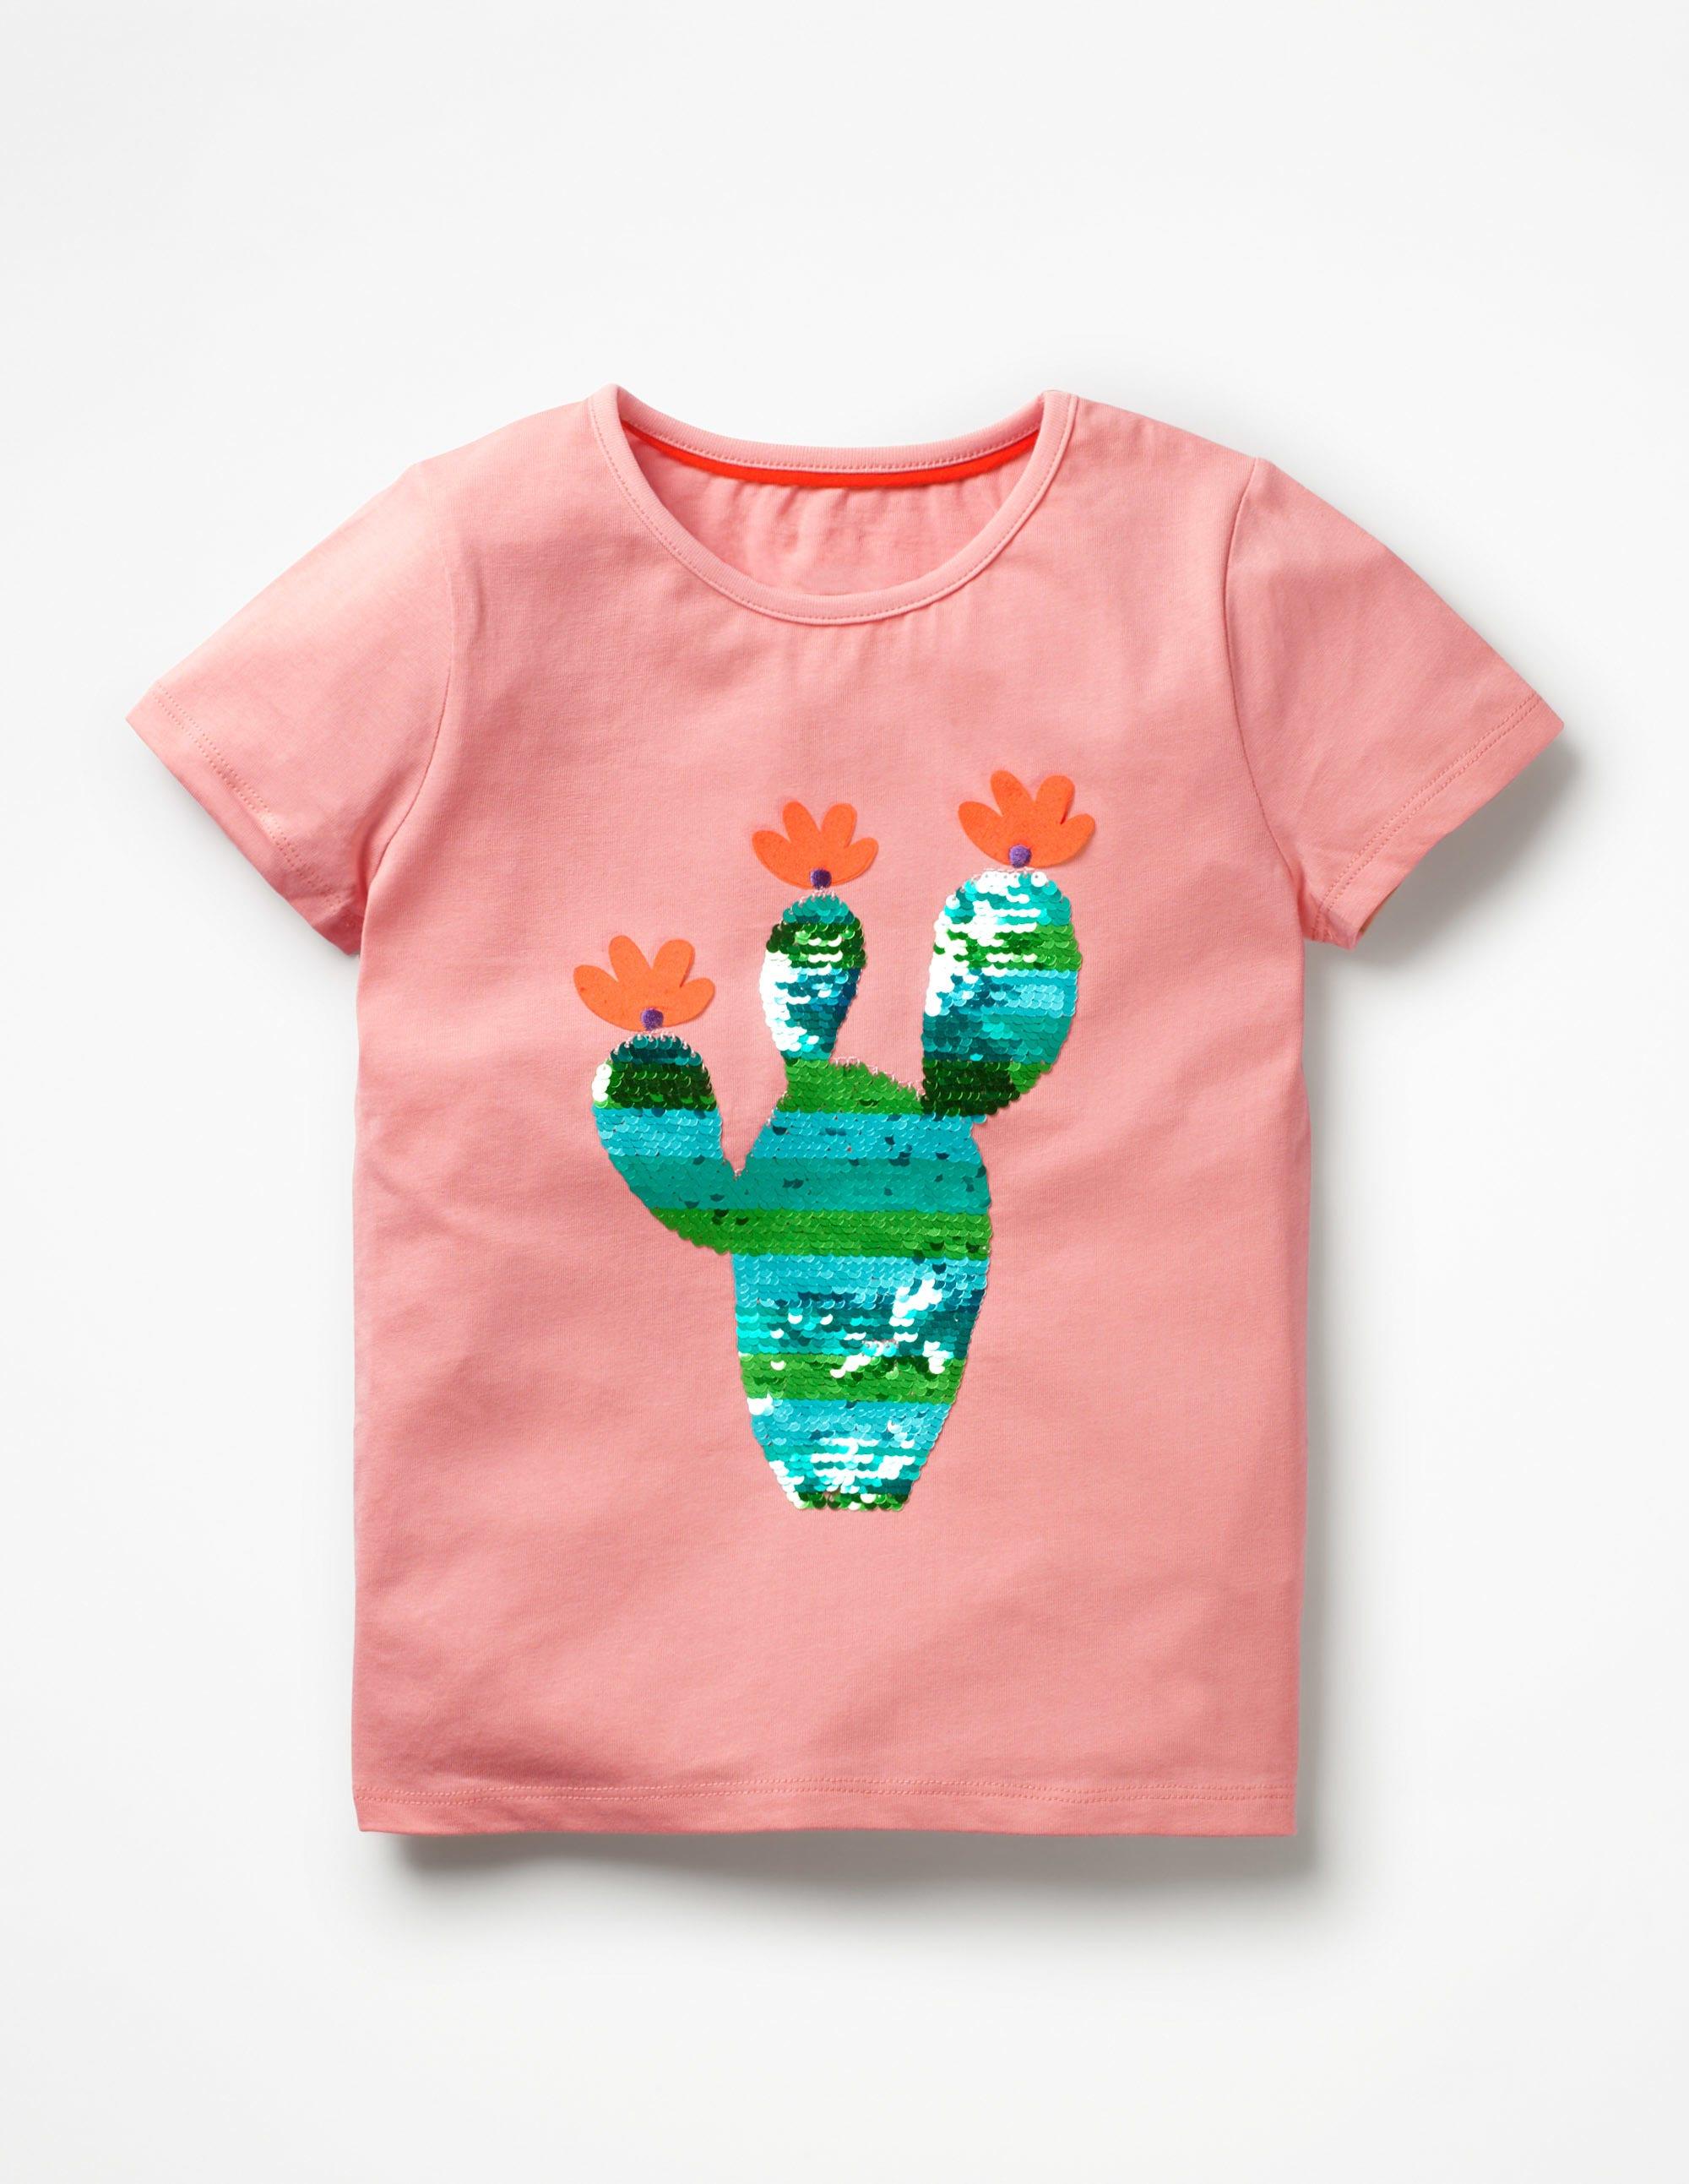 Mini Boden boy/'s baby cotton applique top t-shirt  new shirt tee applique logo